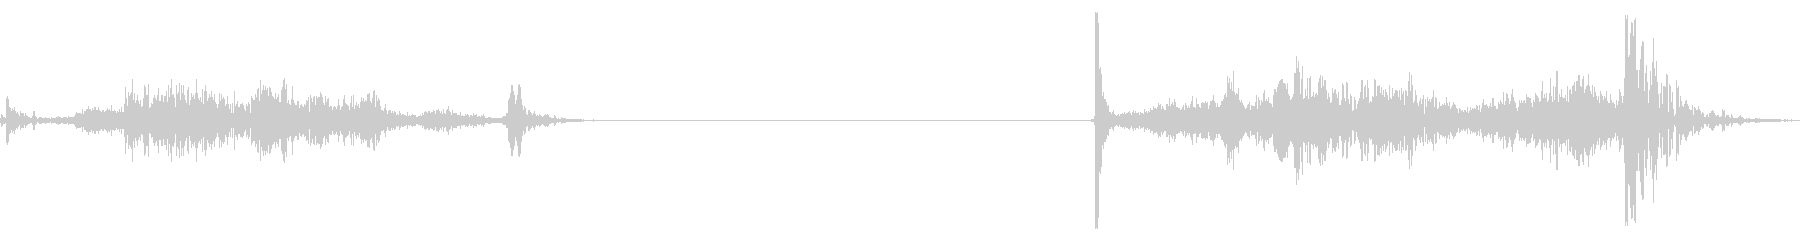 襖の開閉 B-4の未再生の波形